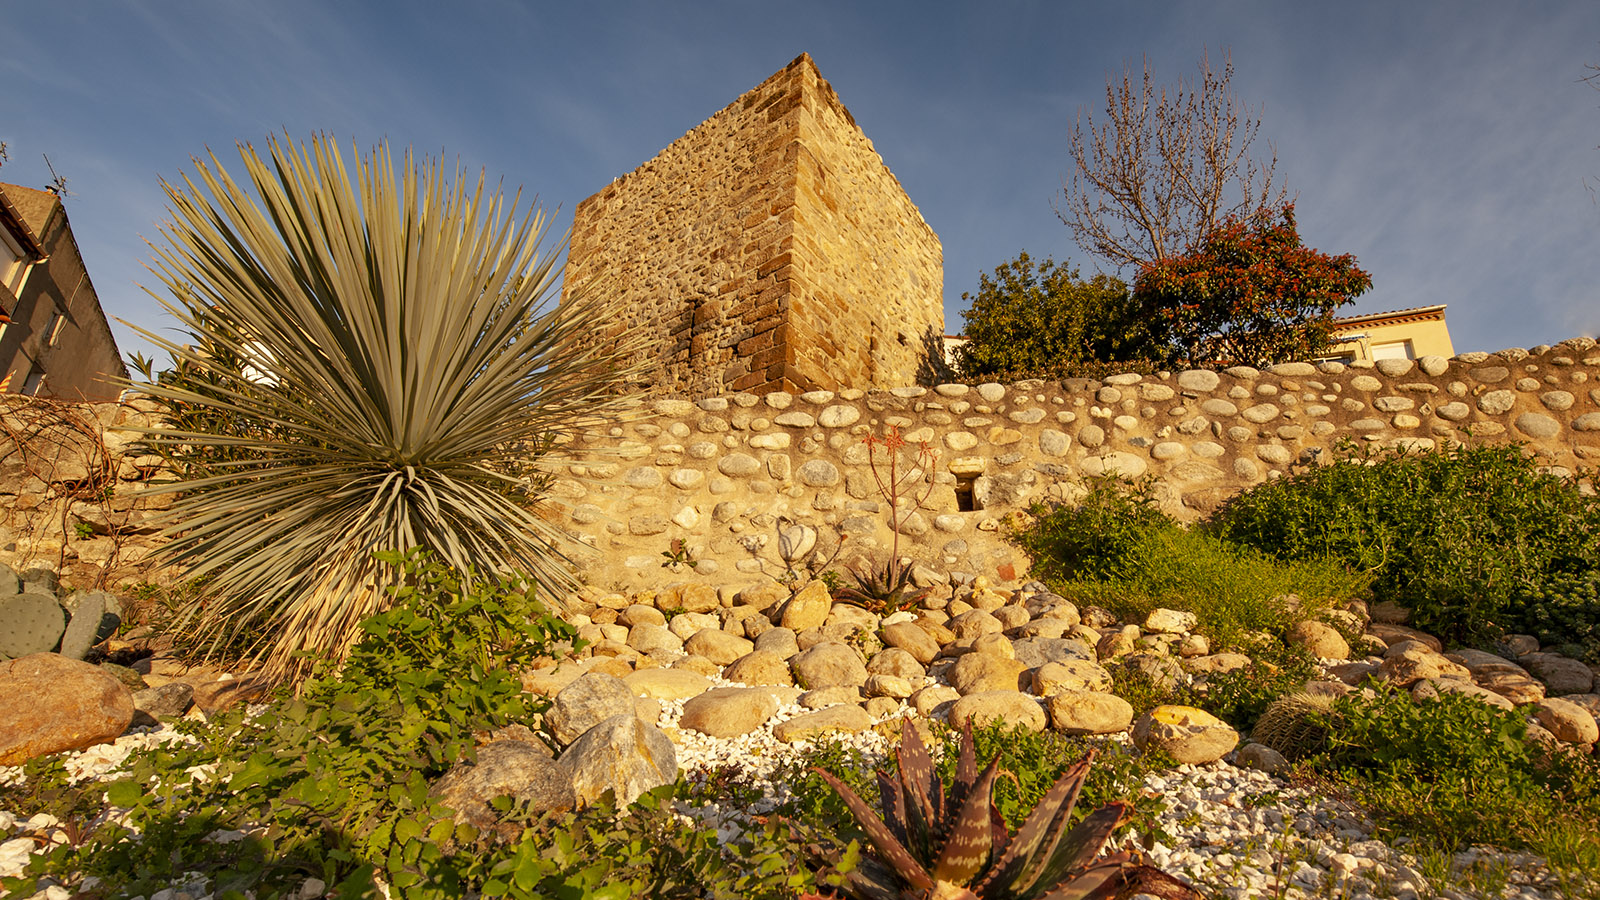 Der mittelalterliche Wachtturm von Le Boulou. Foto: Hilke Maunder